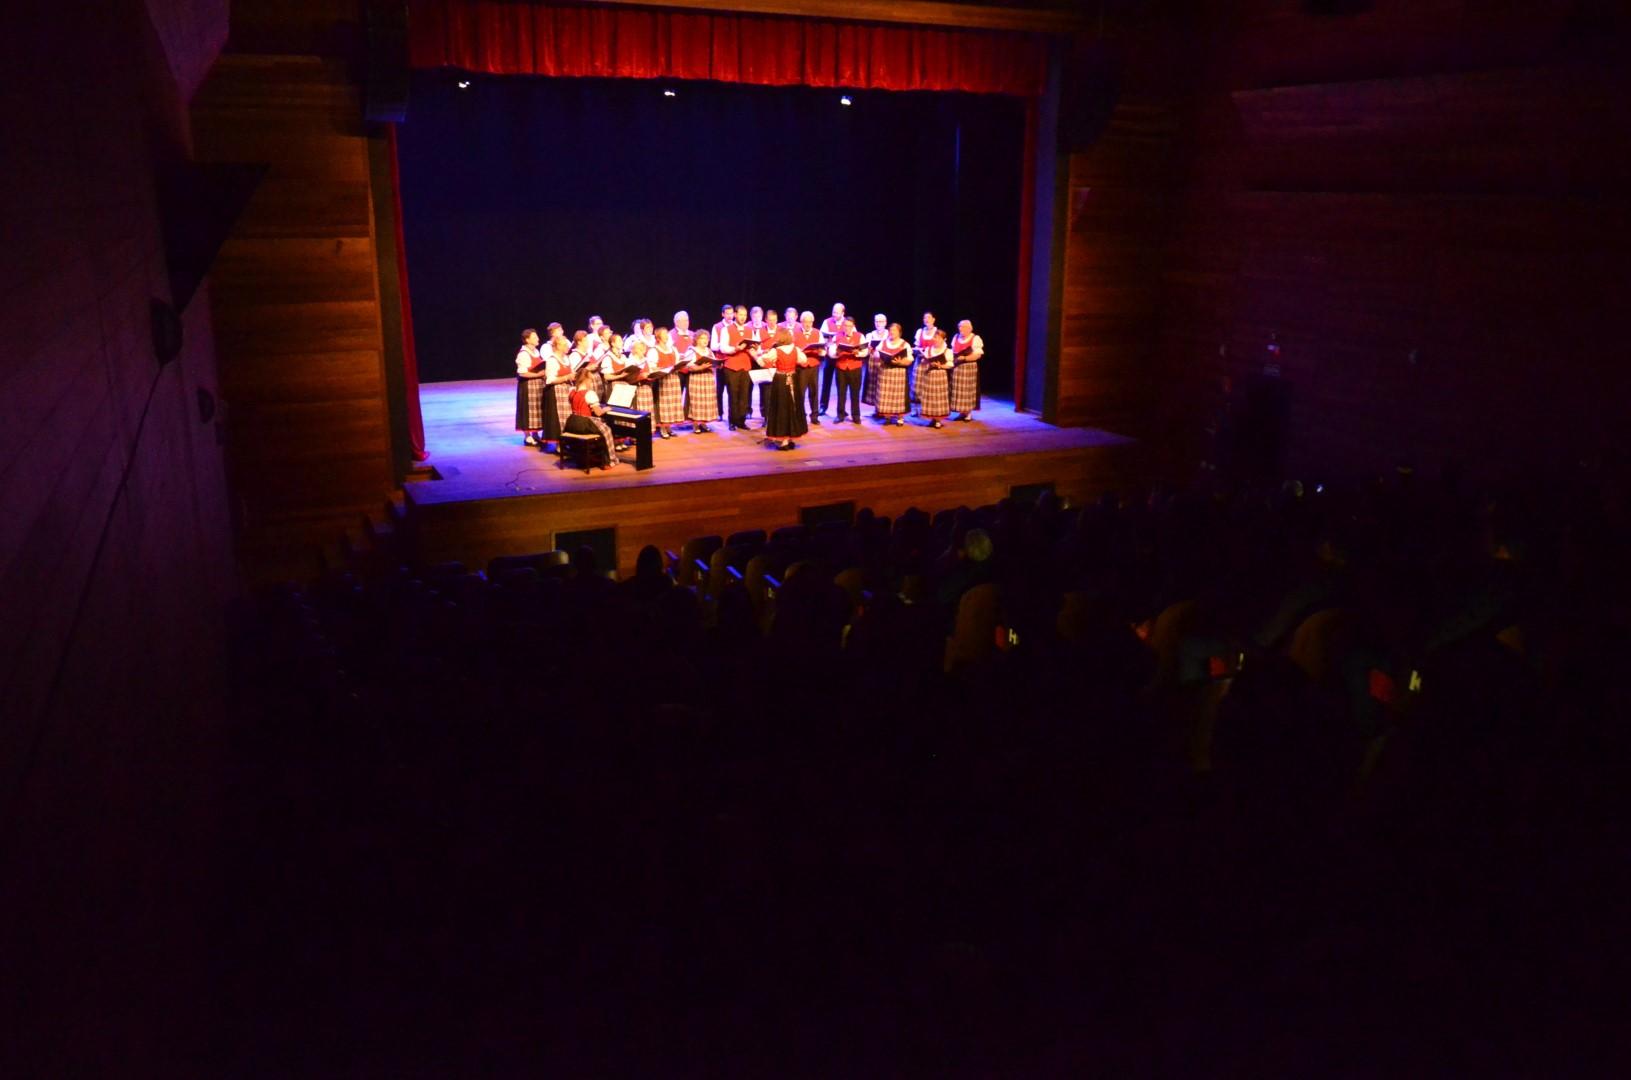 Apresentação do Coral Suábio no Teatro Municipal de Guarapuava - 22/06/2018Apresentação do Coral Suábio no Teatro Municipal de Guarapuava - 22/06/2018